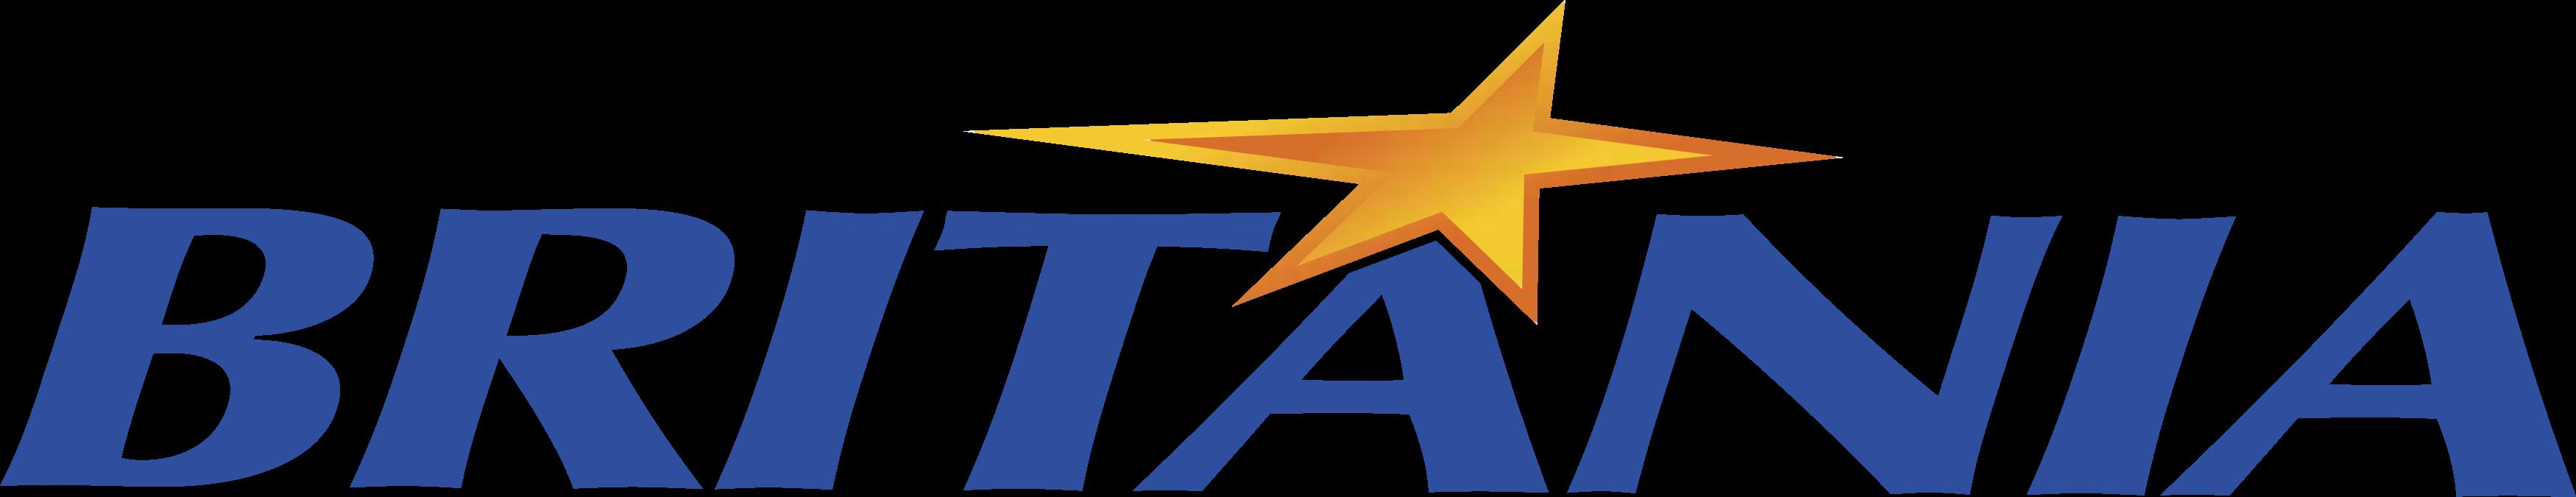 britania logo - Britânia Eletrodomésticos Logo